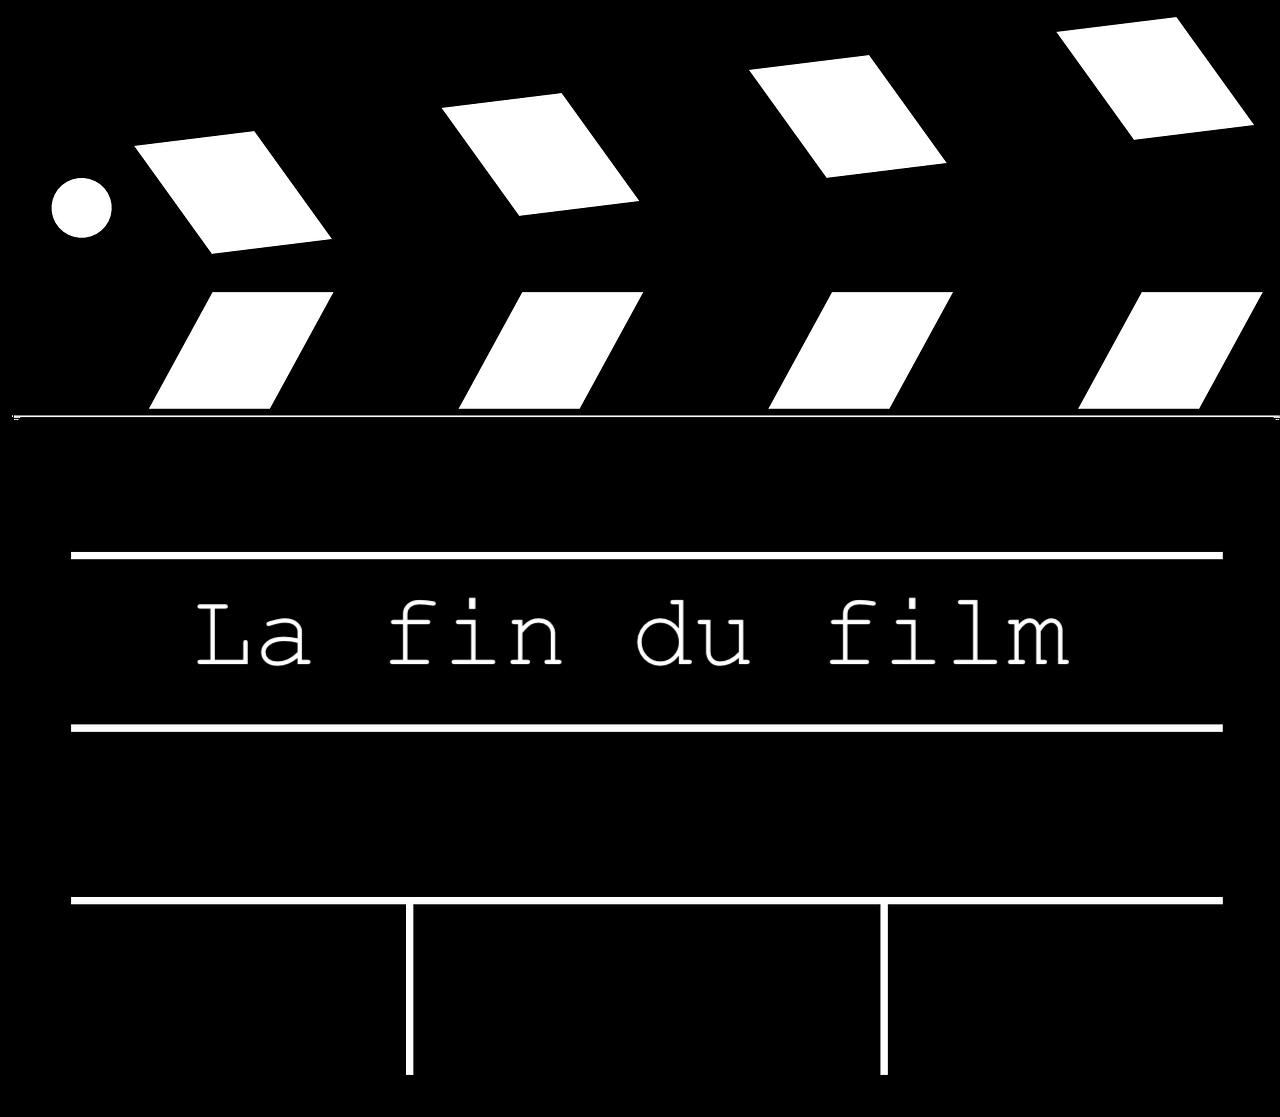 Clap de fin (c) Clker-Free-Vector-Images CCO pixabay